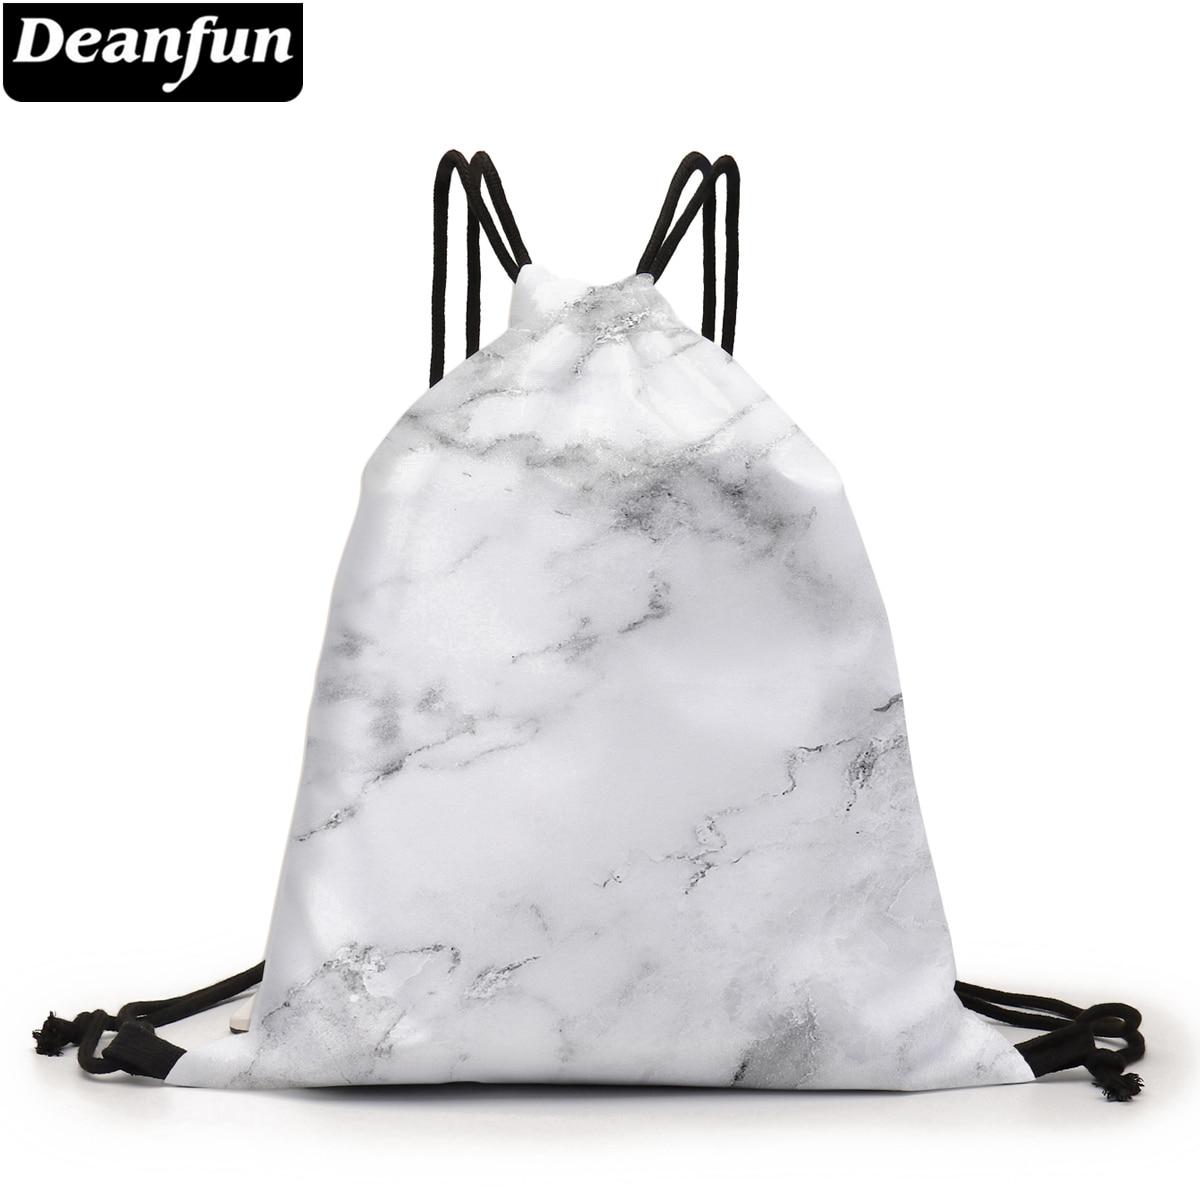 Deanfun Trekkoord Rugzak Wit Marmer 3D Gedrukt Pouch Bag Purse Tas Tasje D60359